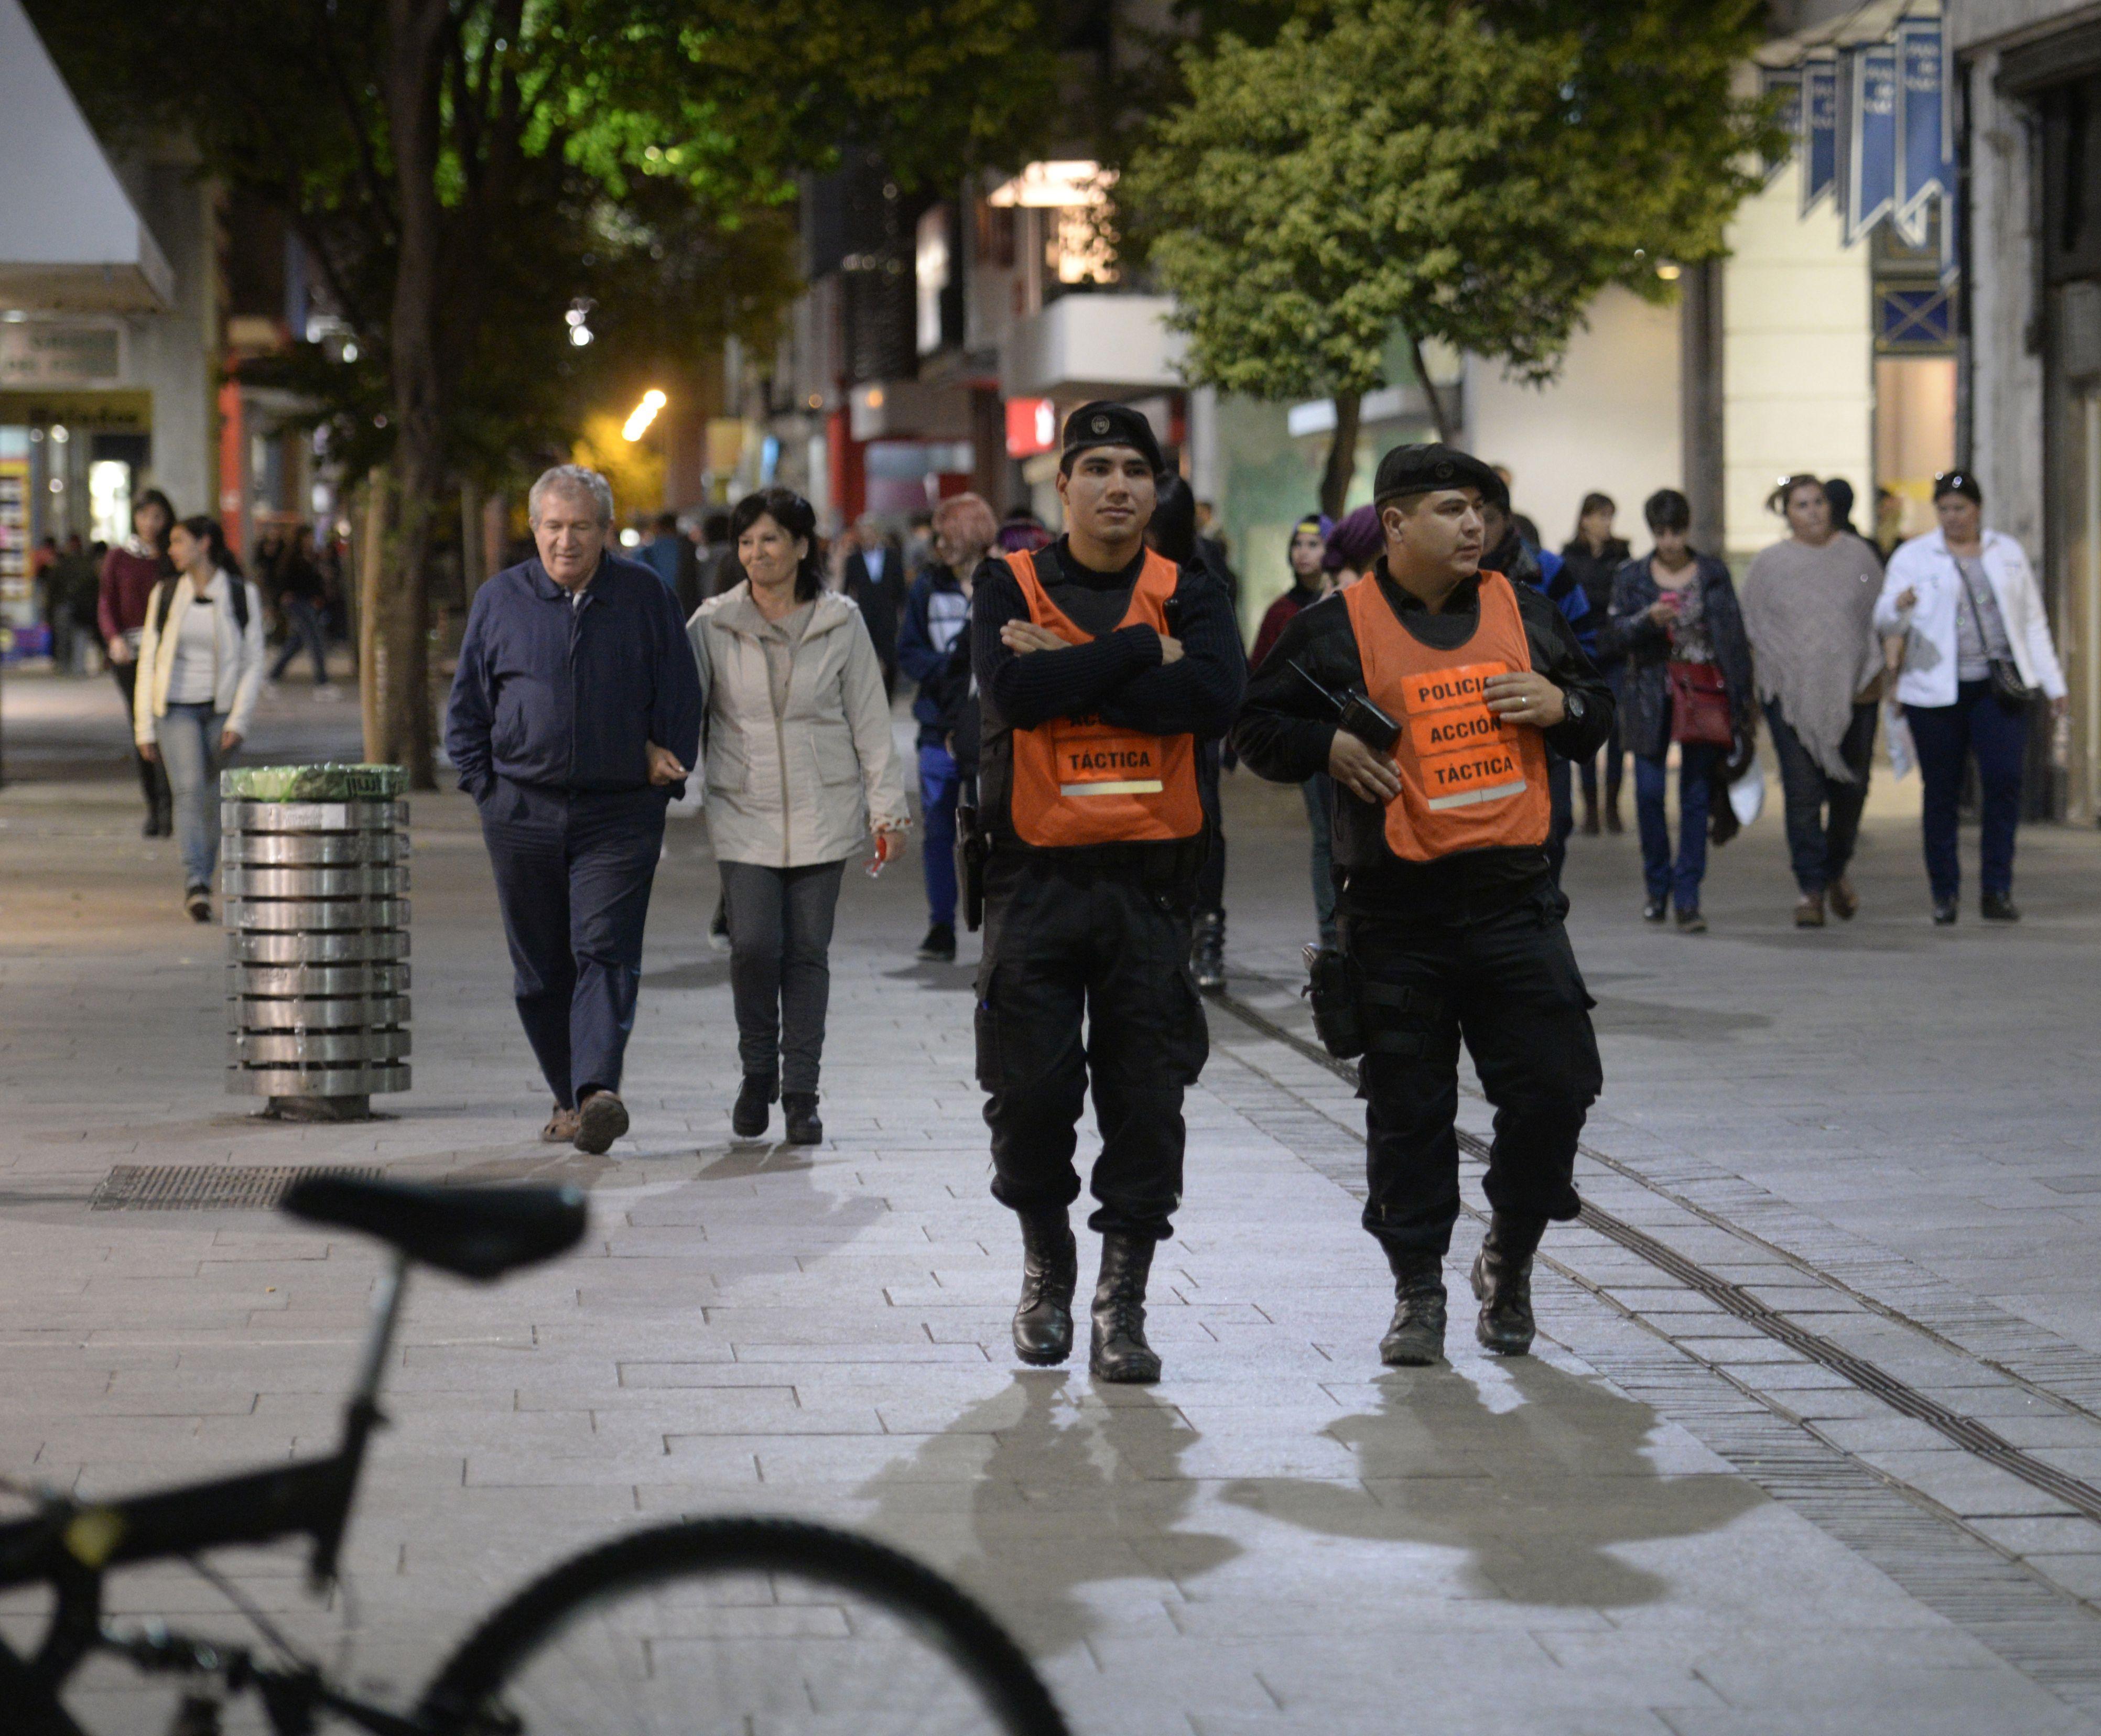 Dos integrantes de la Policía de Acción Táctica